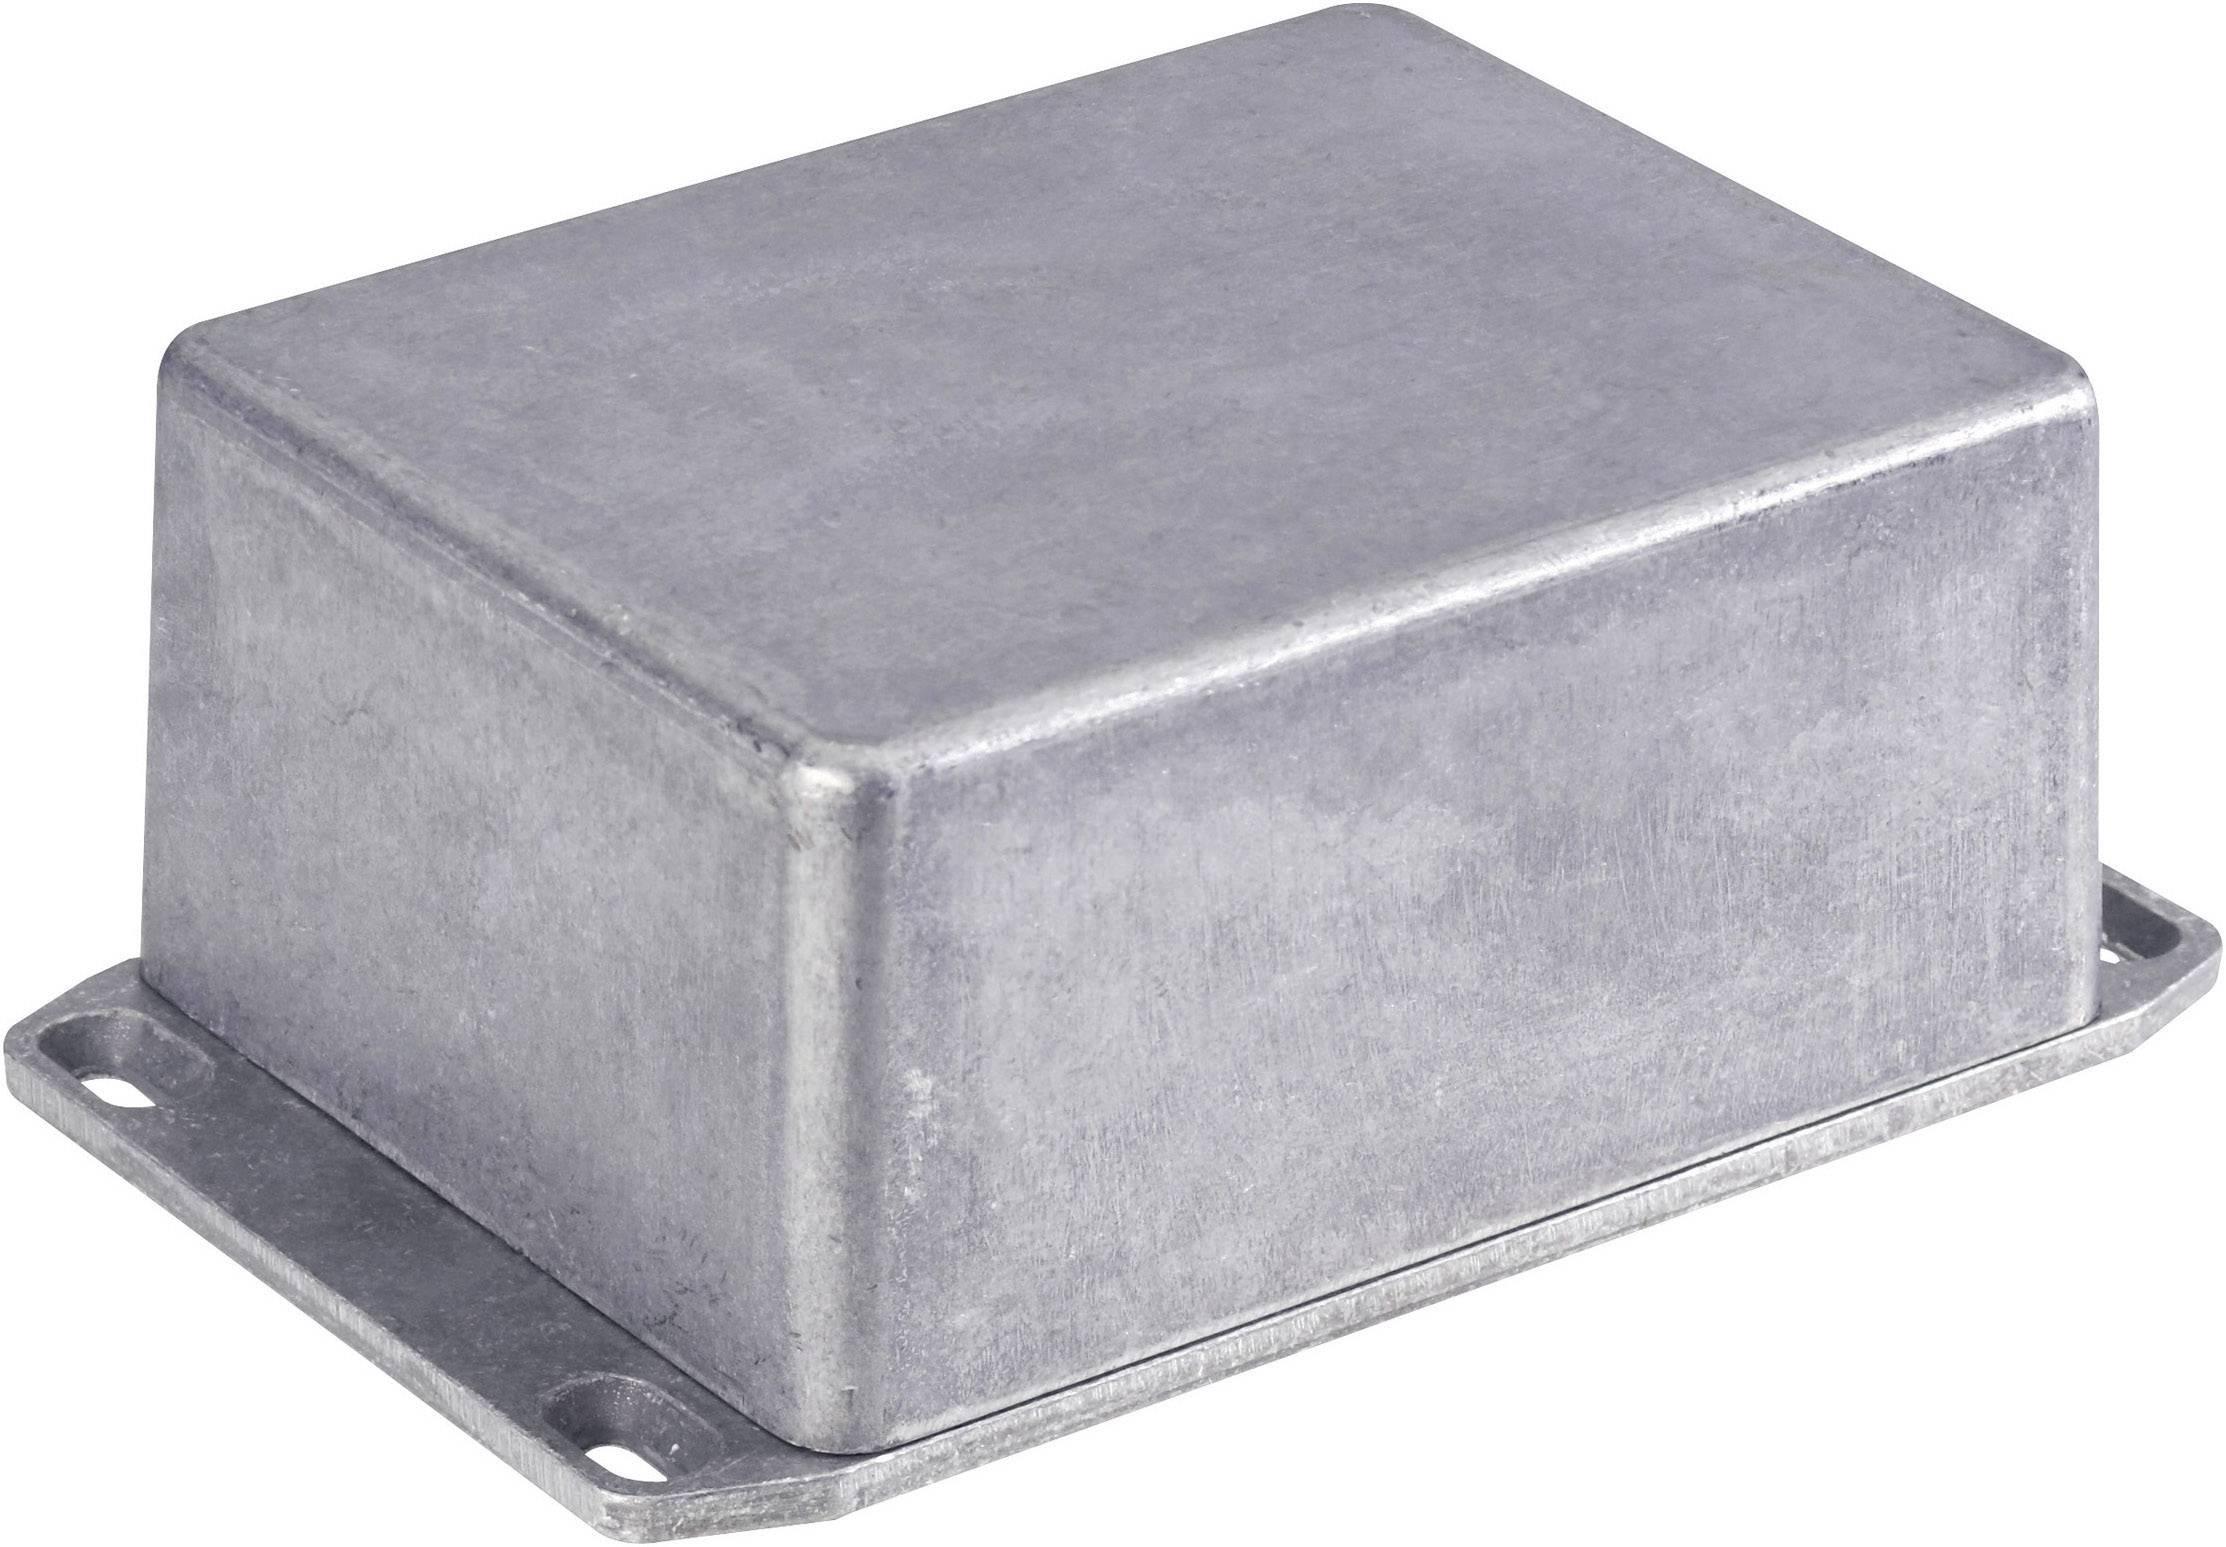 Tlakem lité hliníkové pouzdro Hammond Electronics 1590TFLBK, (d x š x v) 120 x 80 x 59 mm, černá